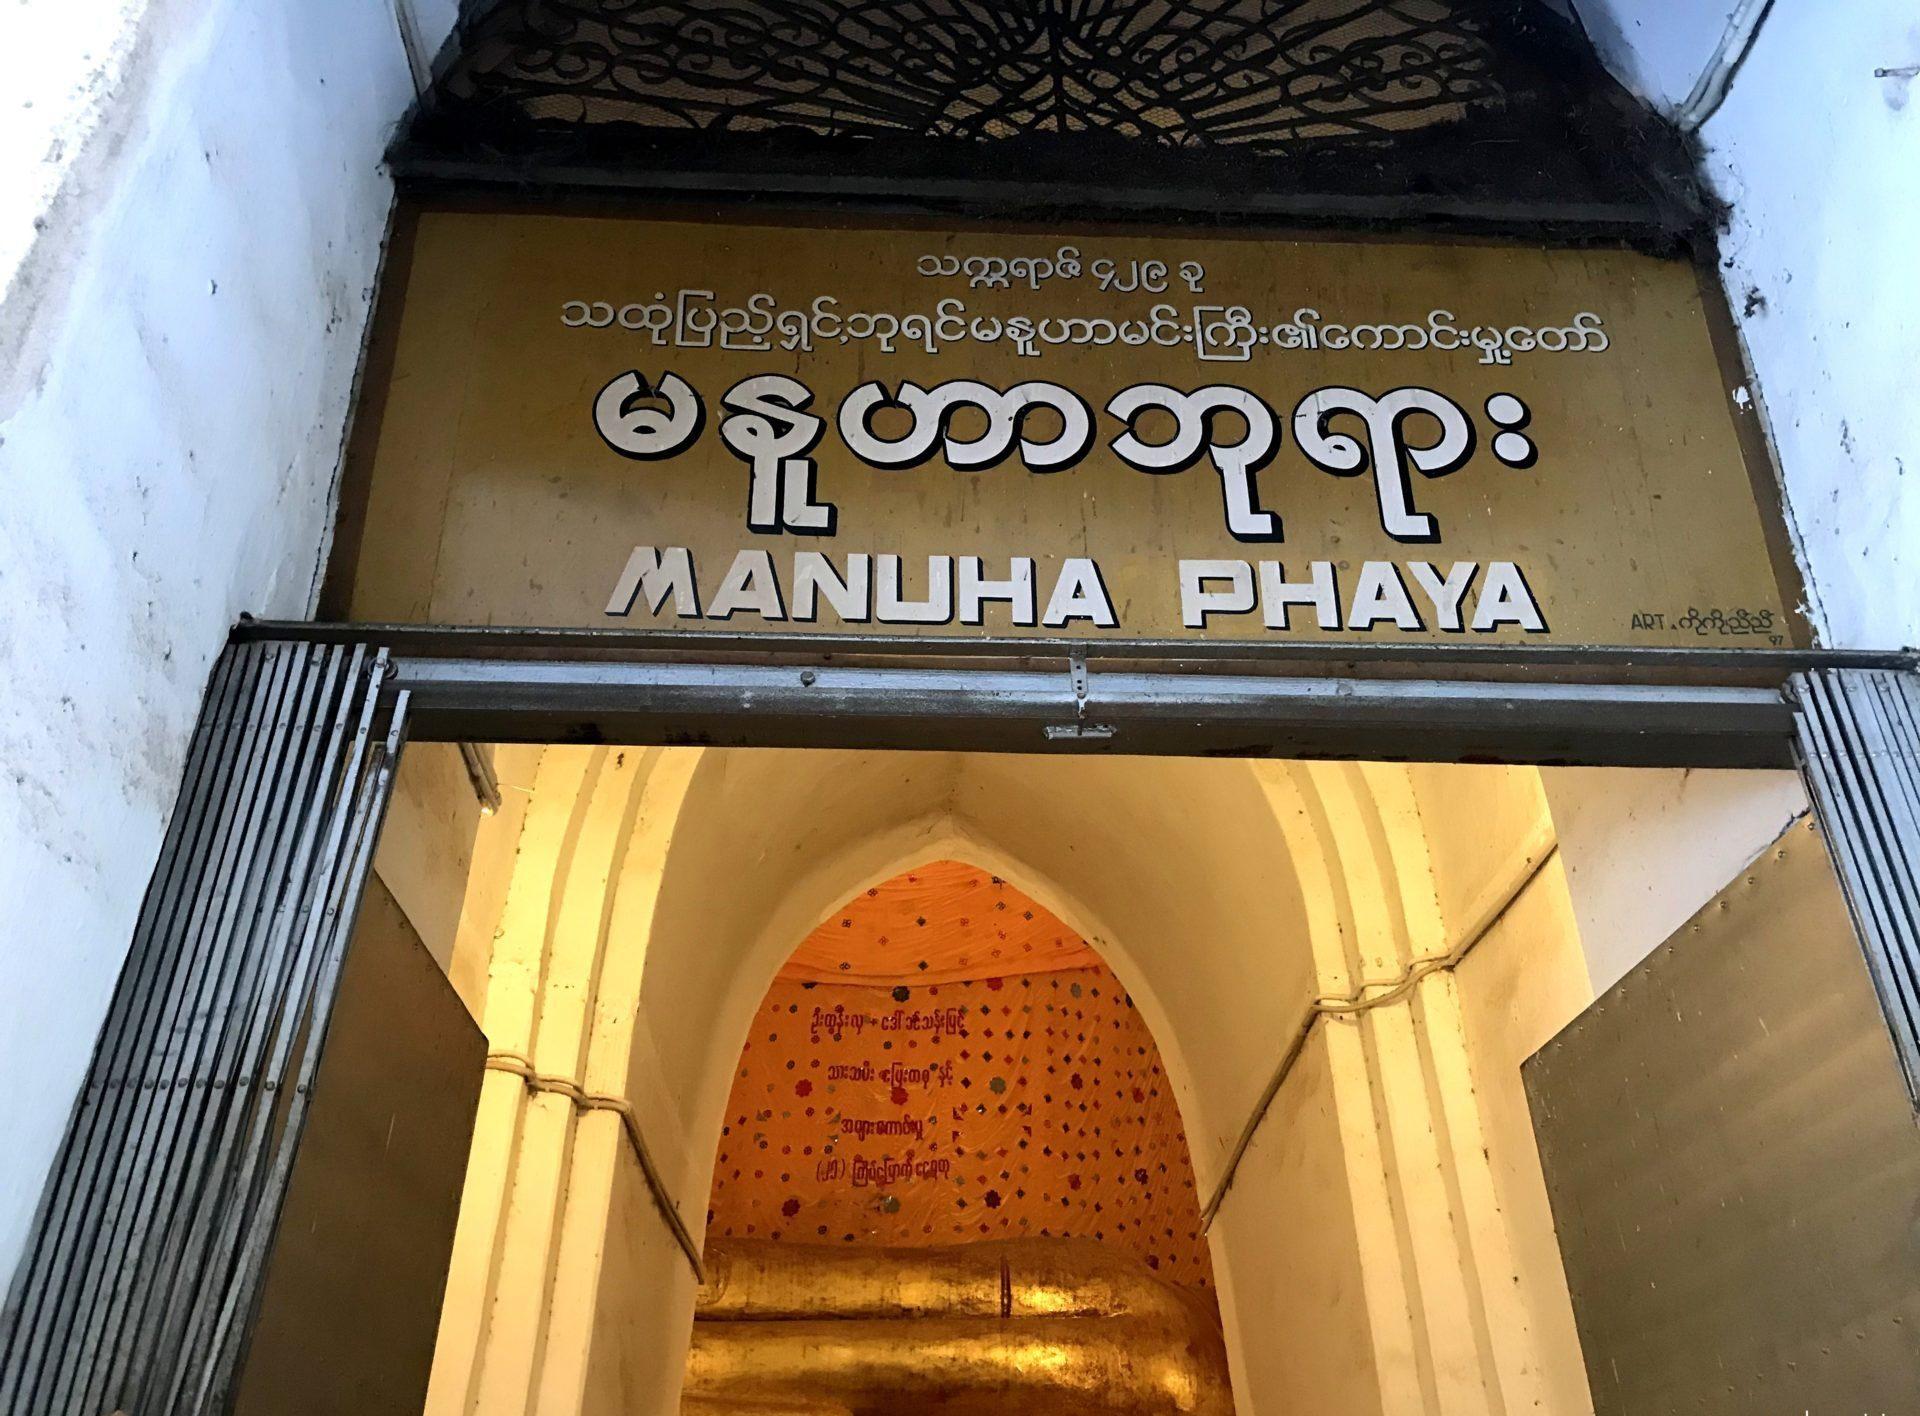 Puerta de acceso a la pagoda Manuha